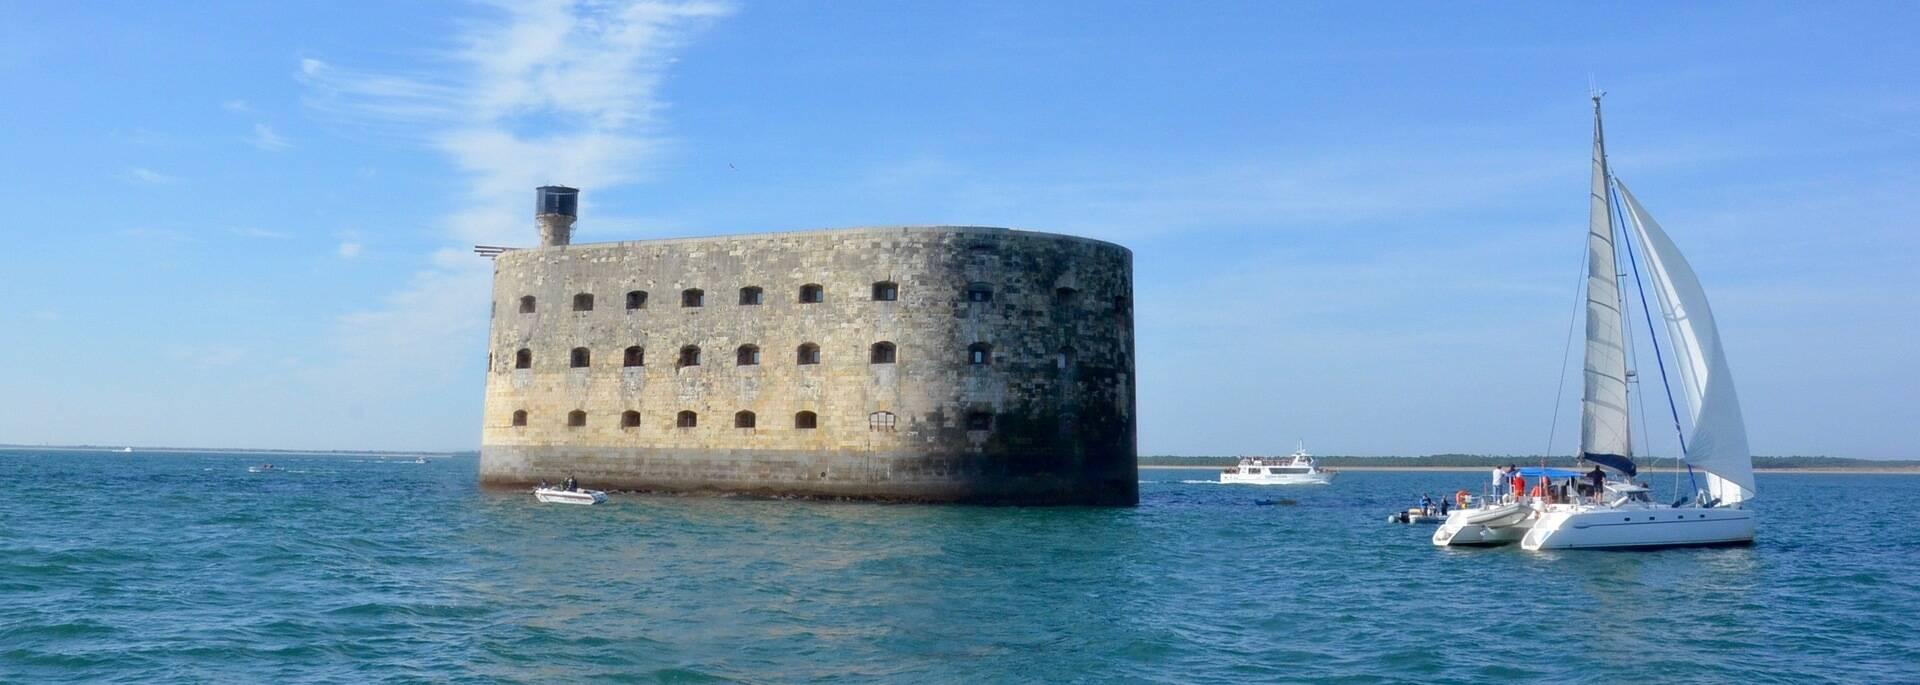 Le Fort Boyard attire tous les navigateurs - © Samuel Courtois